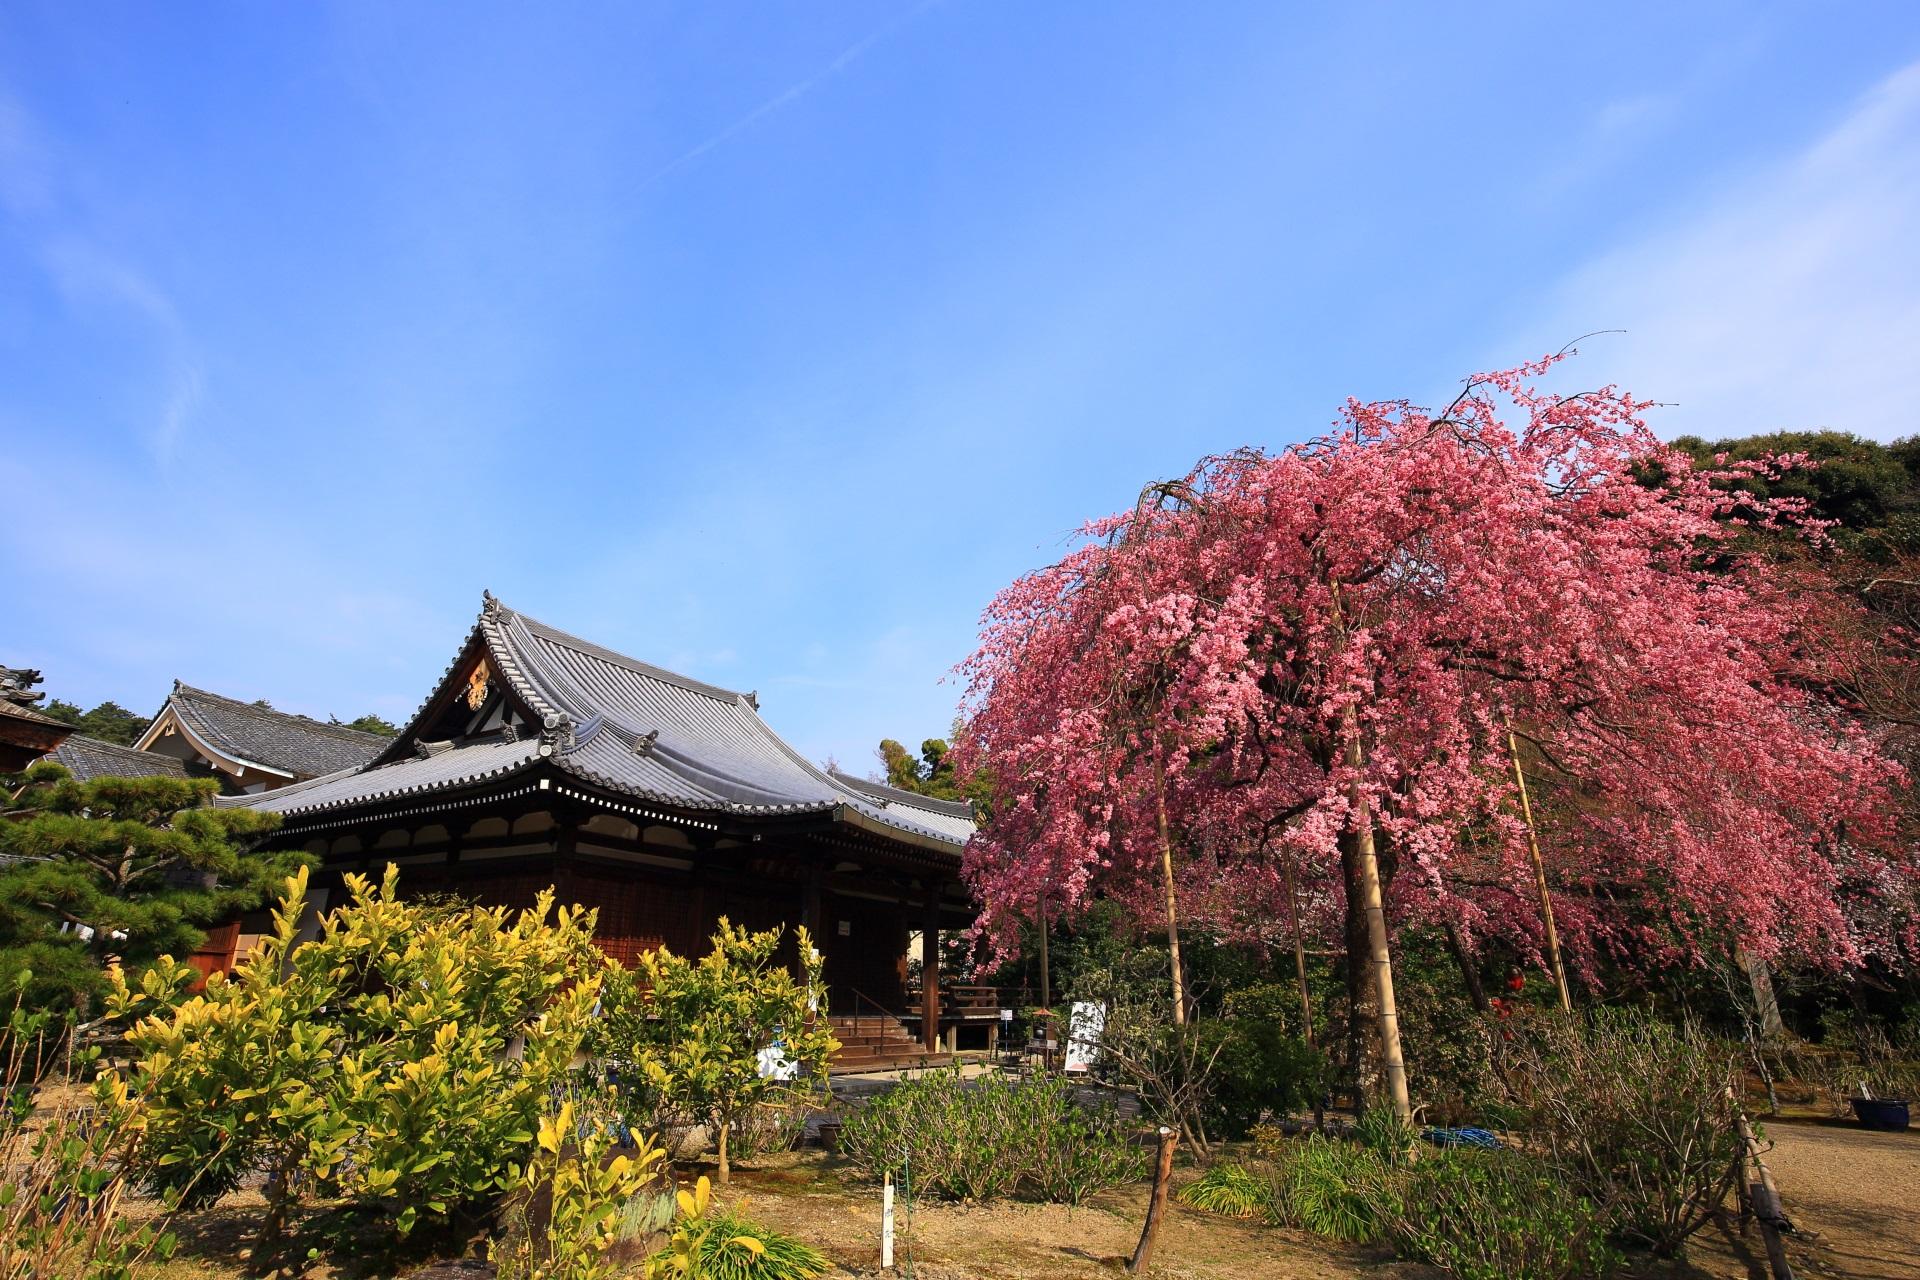 青空の下での形も美しい待賢門院桜